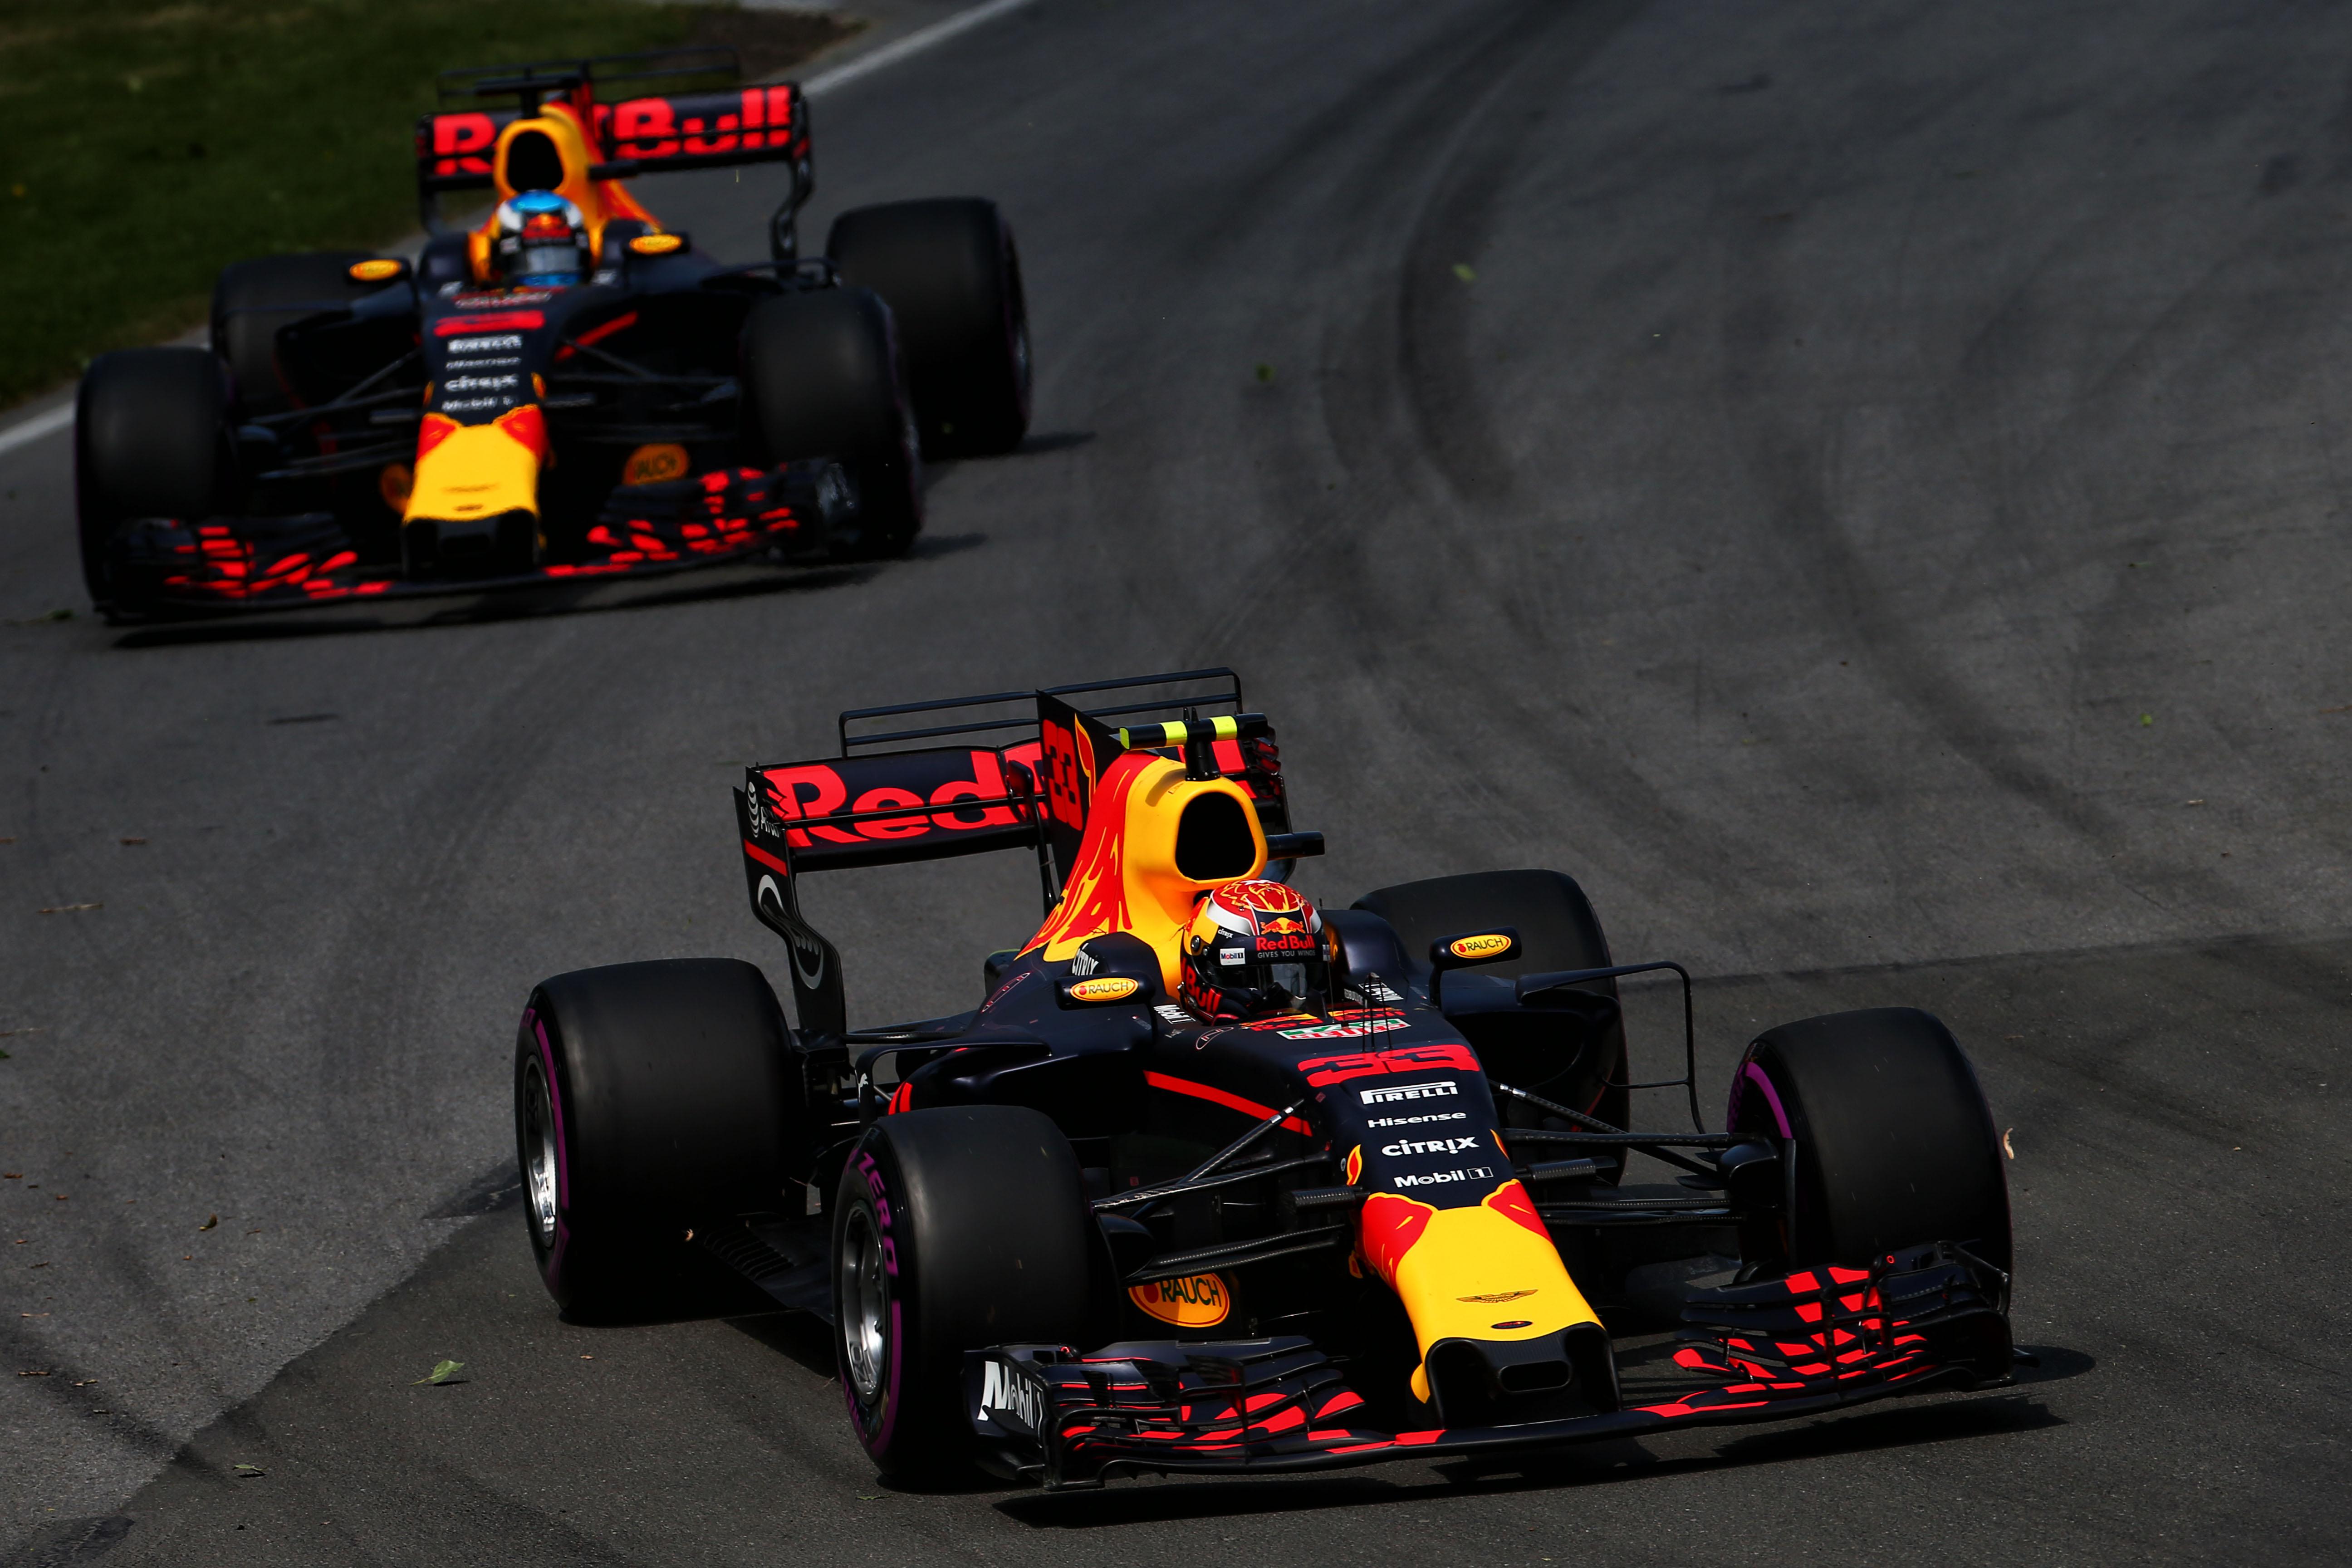 Red Bull Racing Formula One Car 5184x3456 Download Hd Wallpaper Wallpapertip